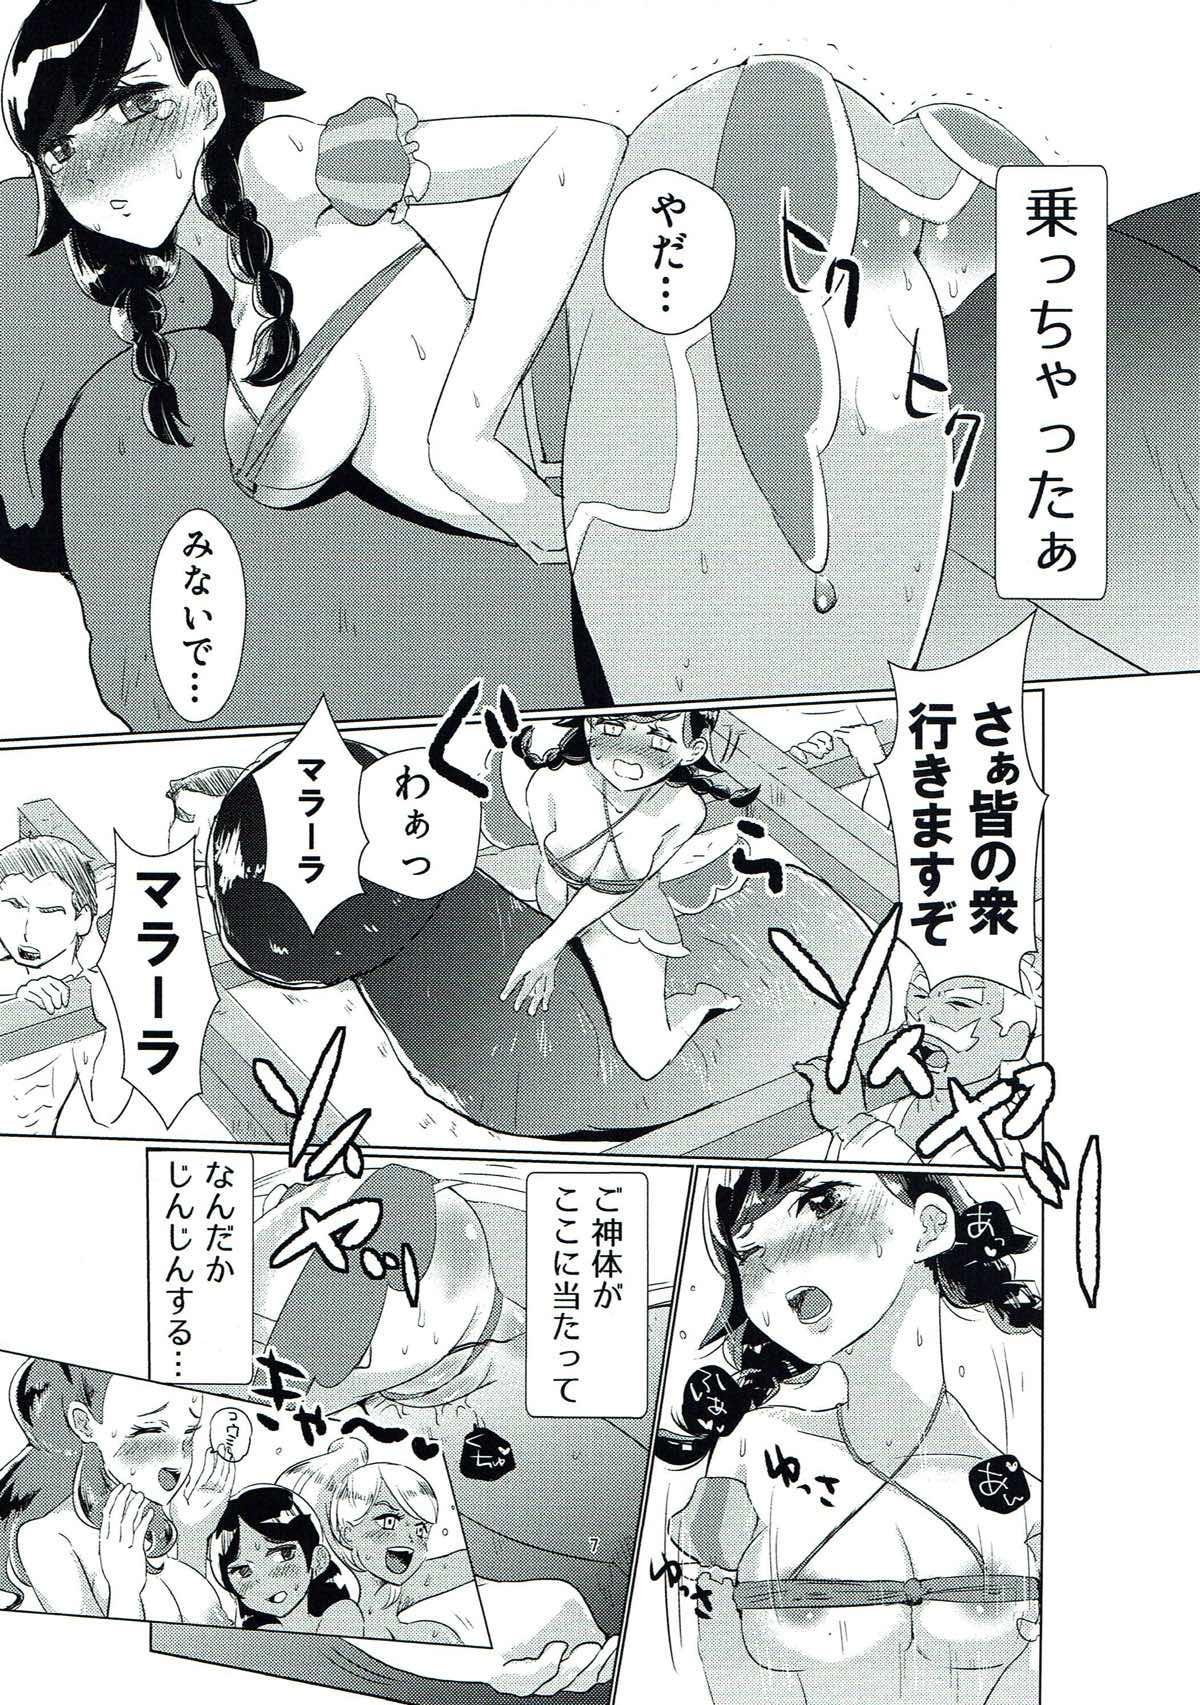 Koumi no Maramarasai Daikikou 5